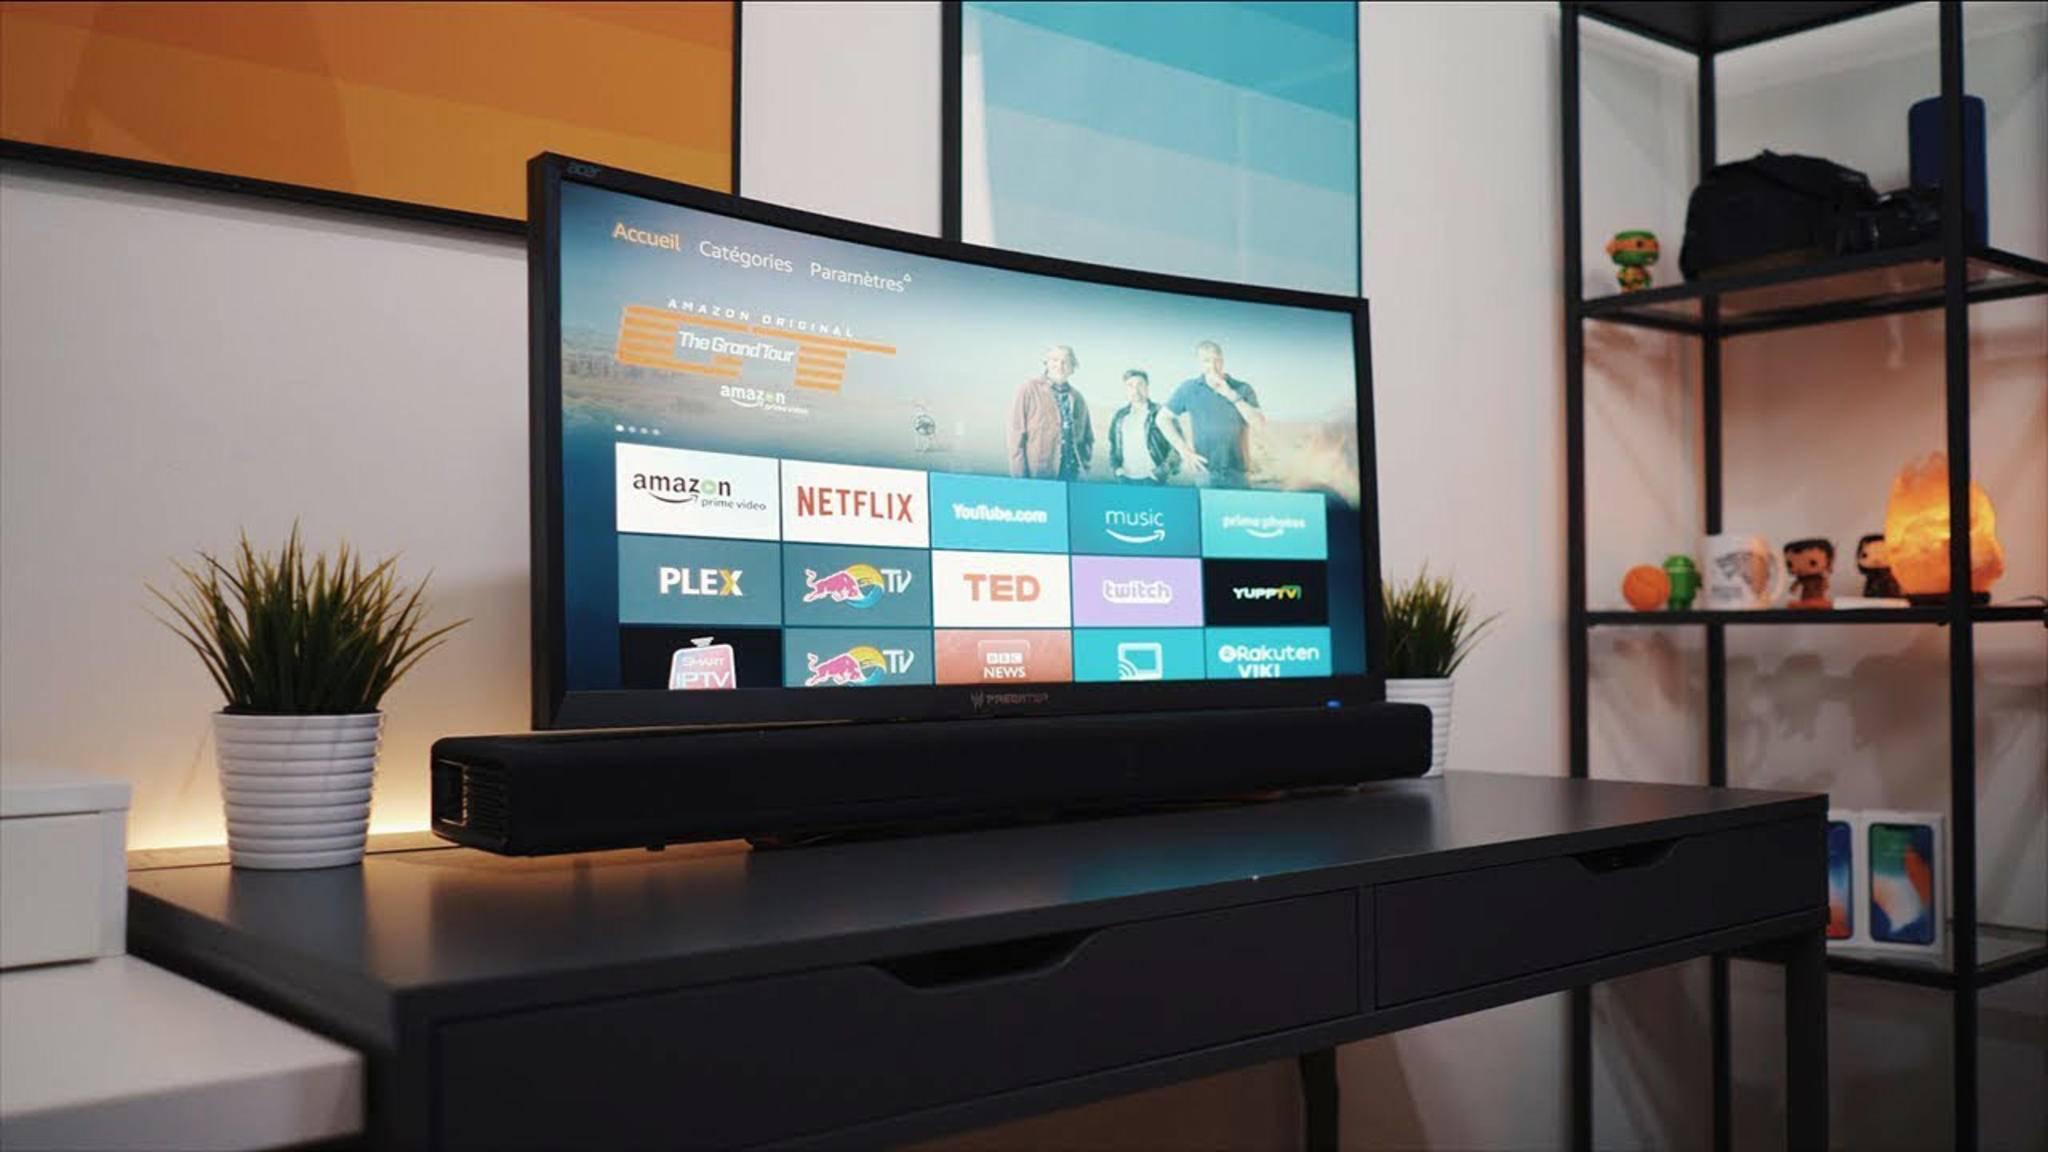 YouTube-App kehrt zurück auf Amazon Fire TV